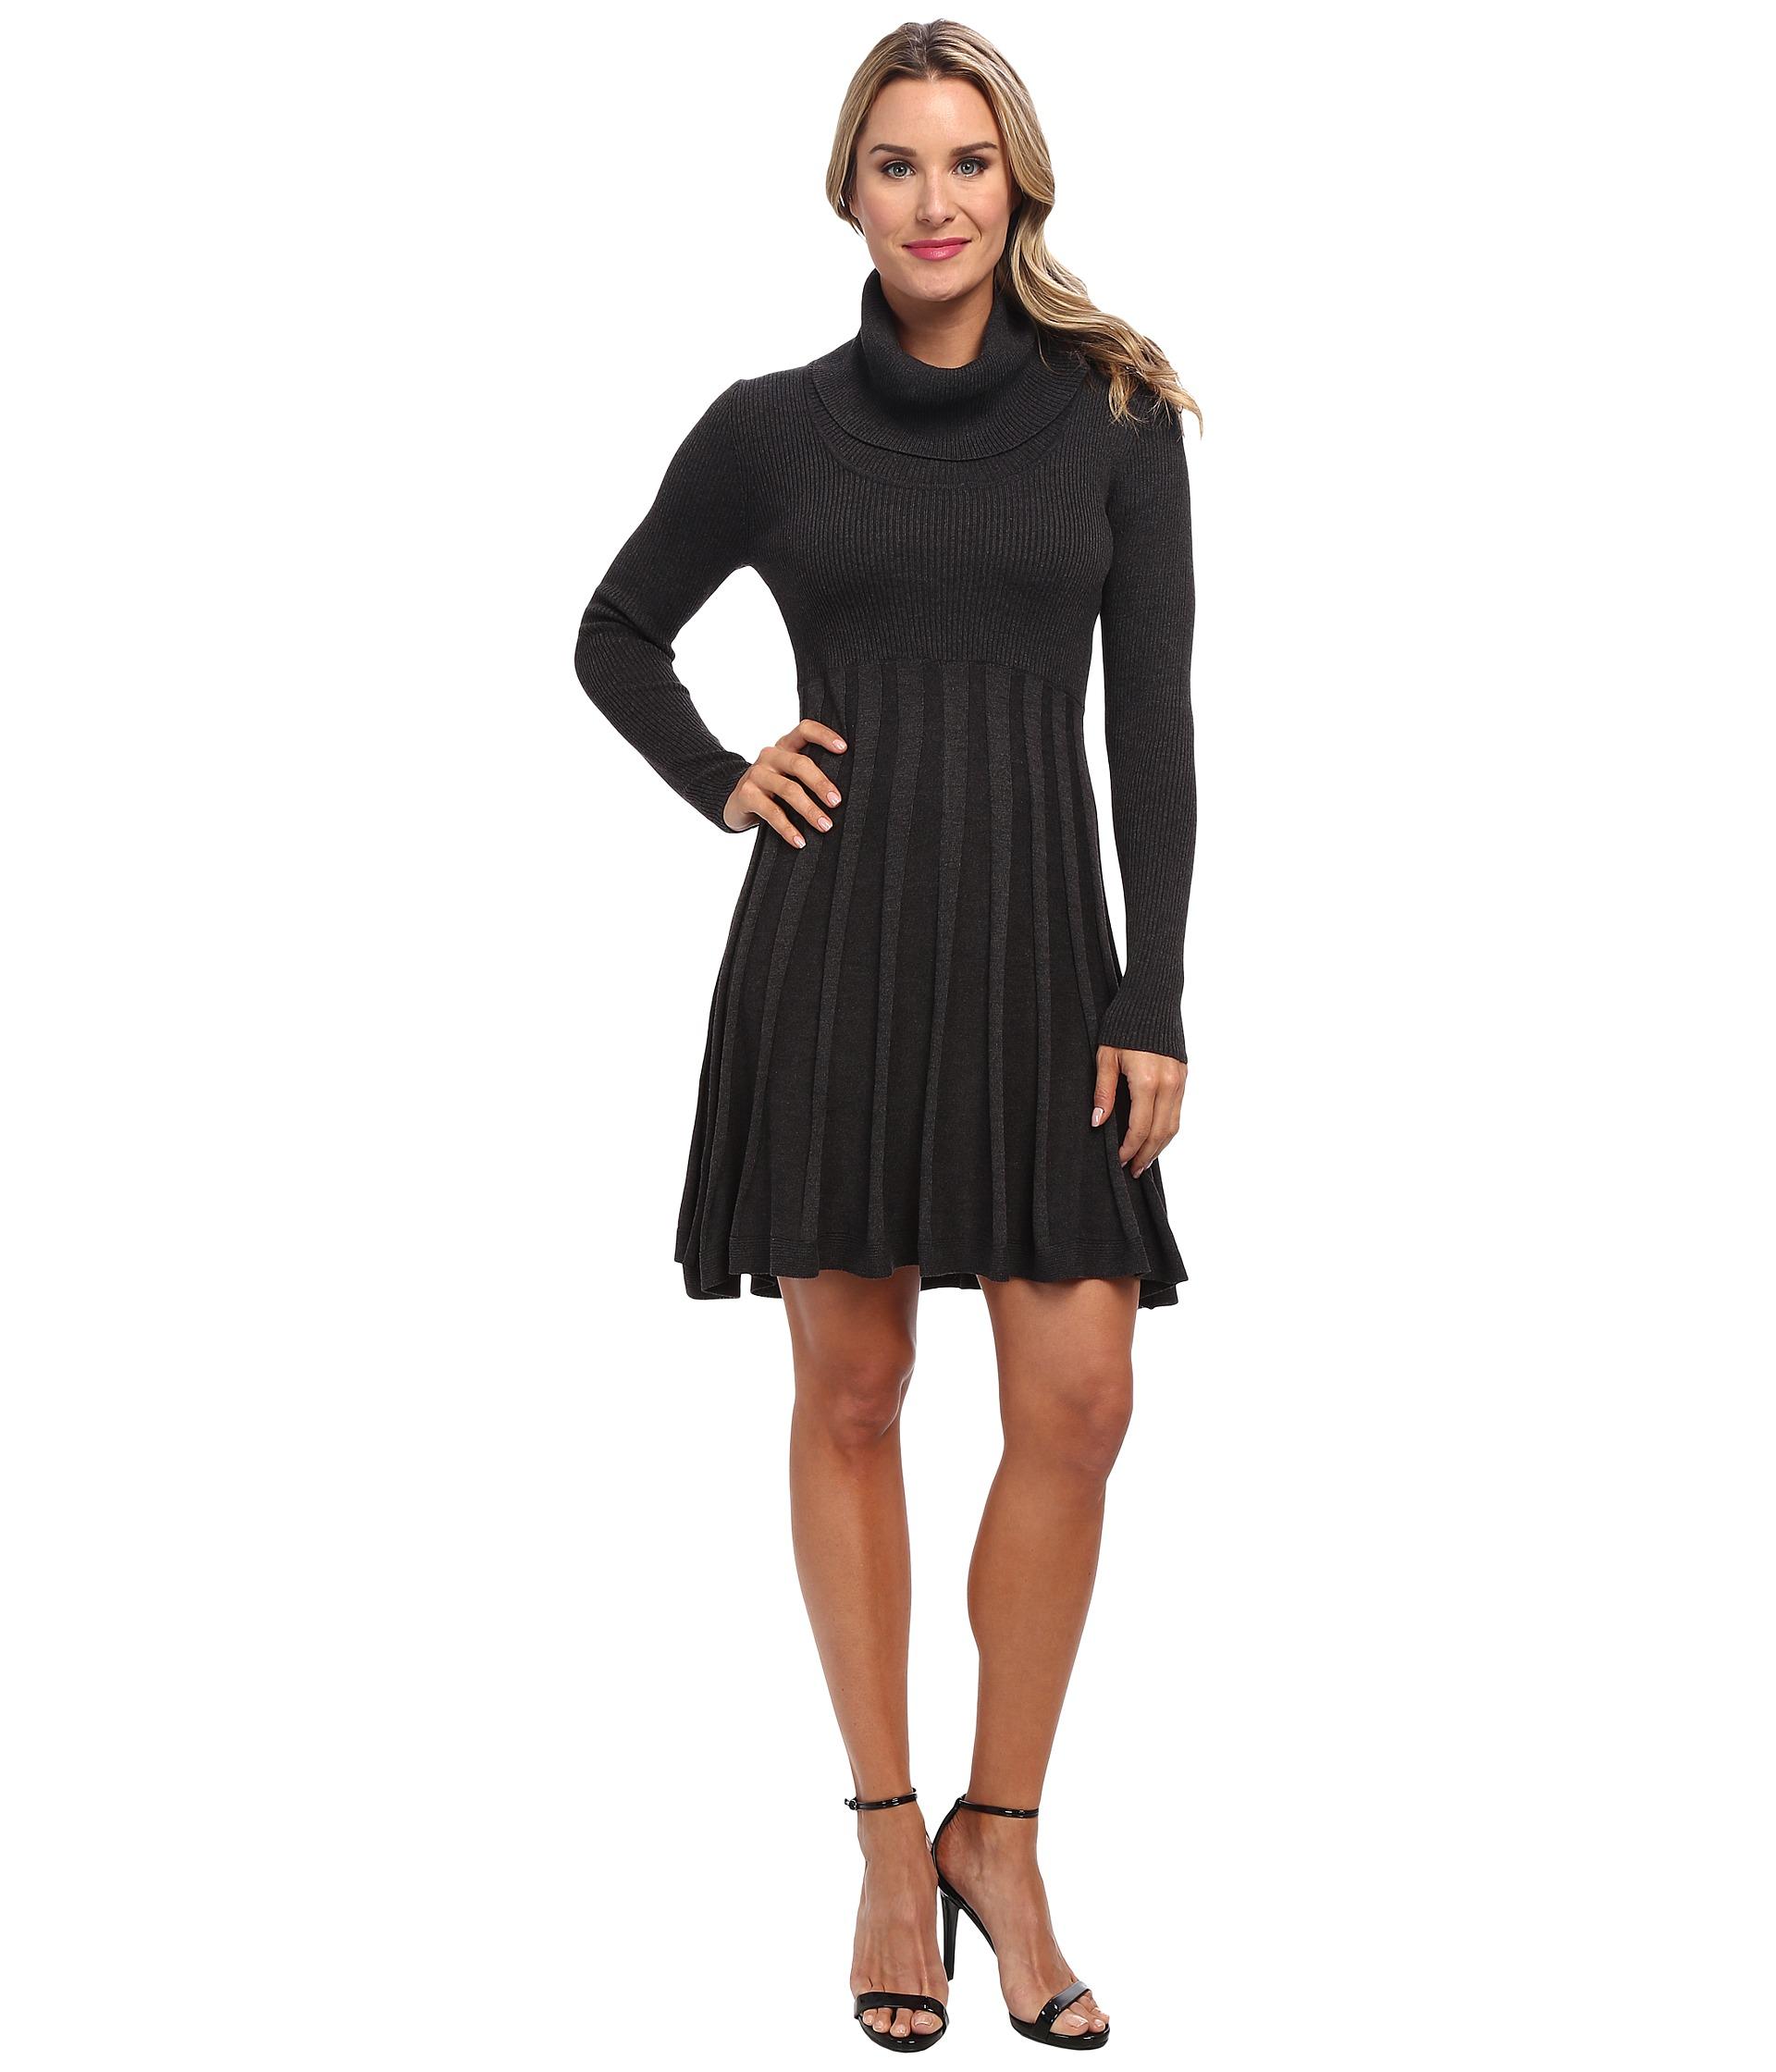 Sweater Dress Calvin Klein Calvin Klein Cowl Neck Sweater